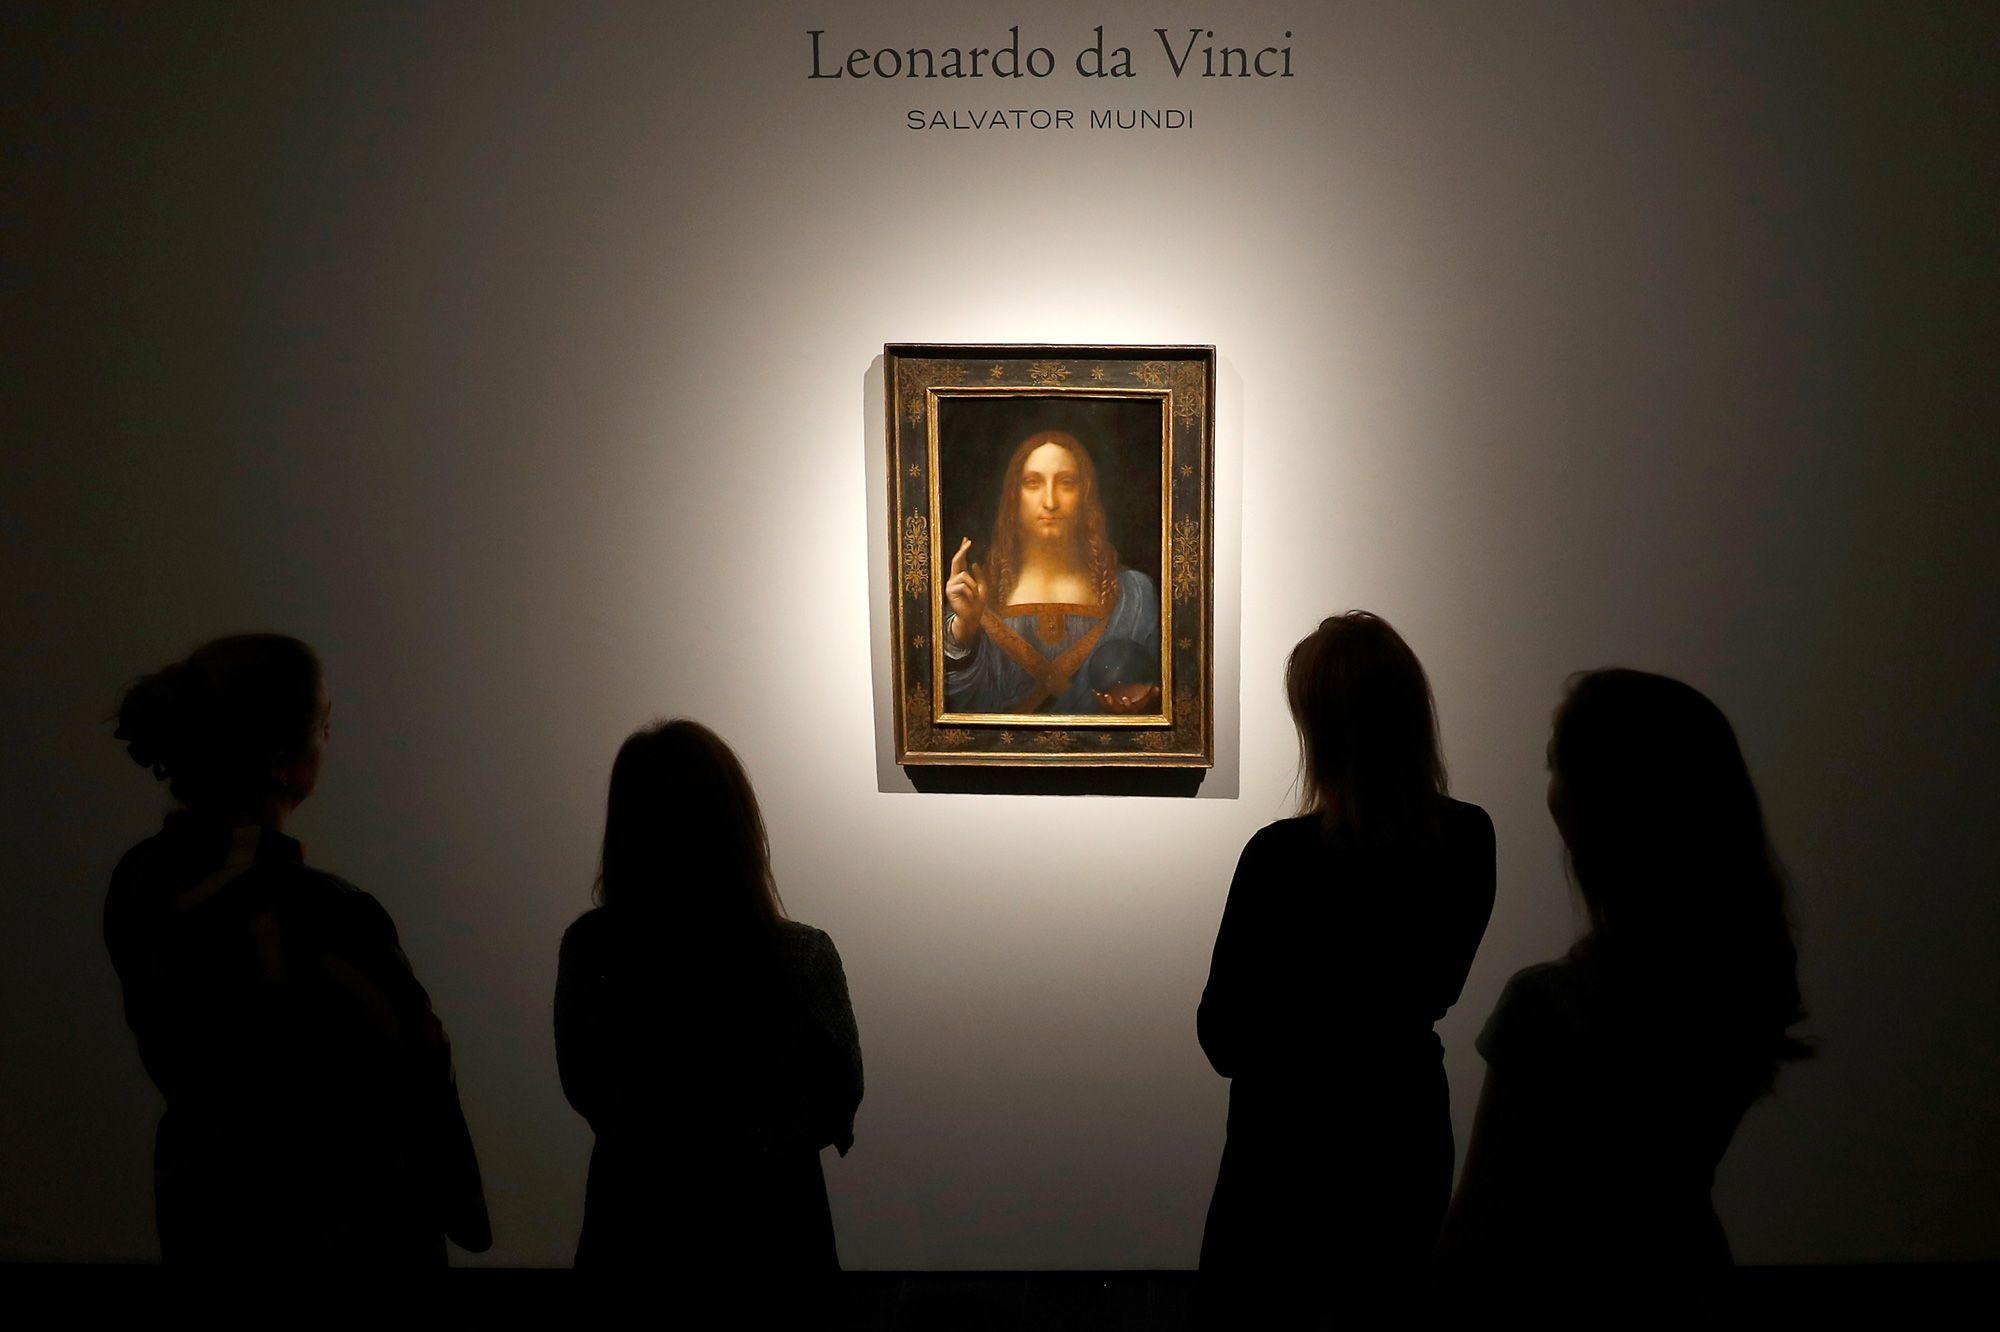 450 3 Millions De Dollars Un De Vinci Devient Le Tableau Le Plus Cher Du Monde